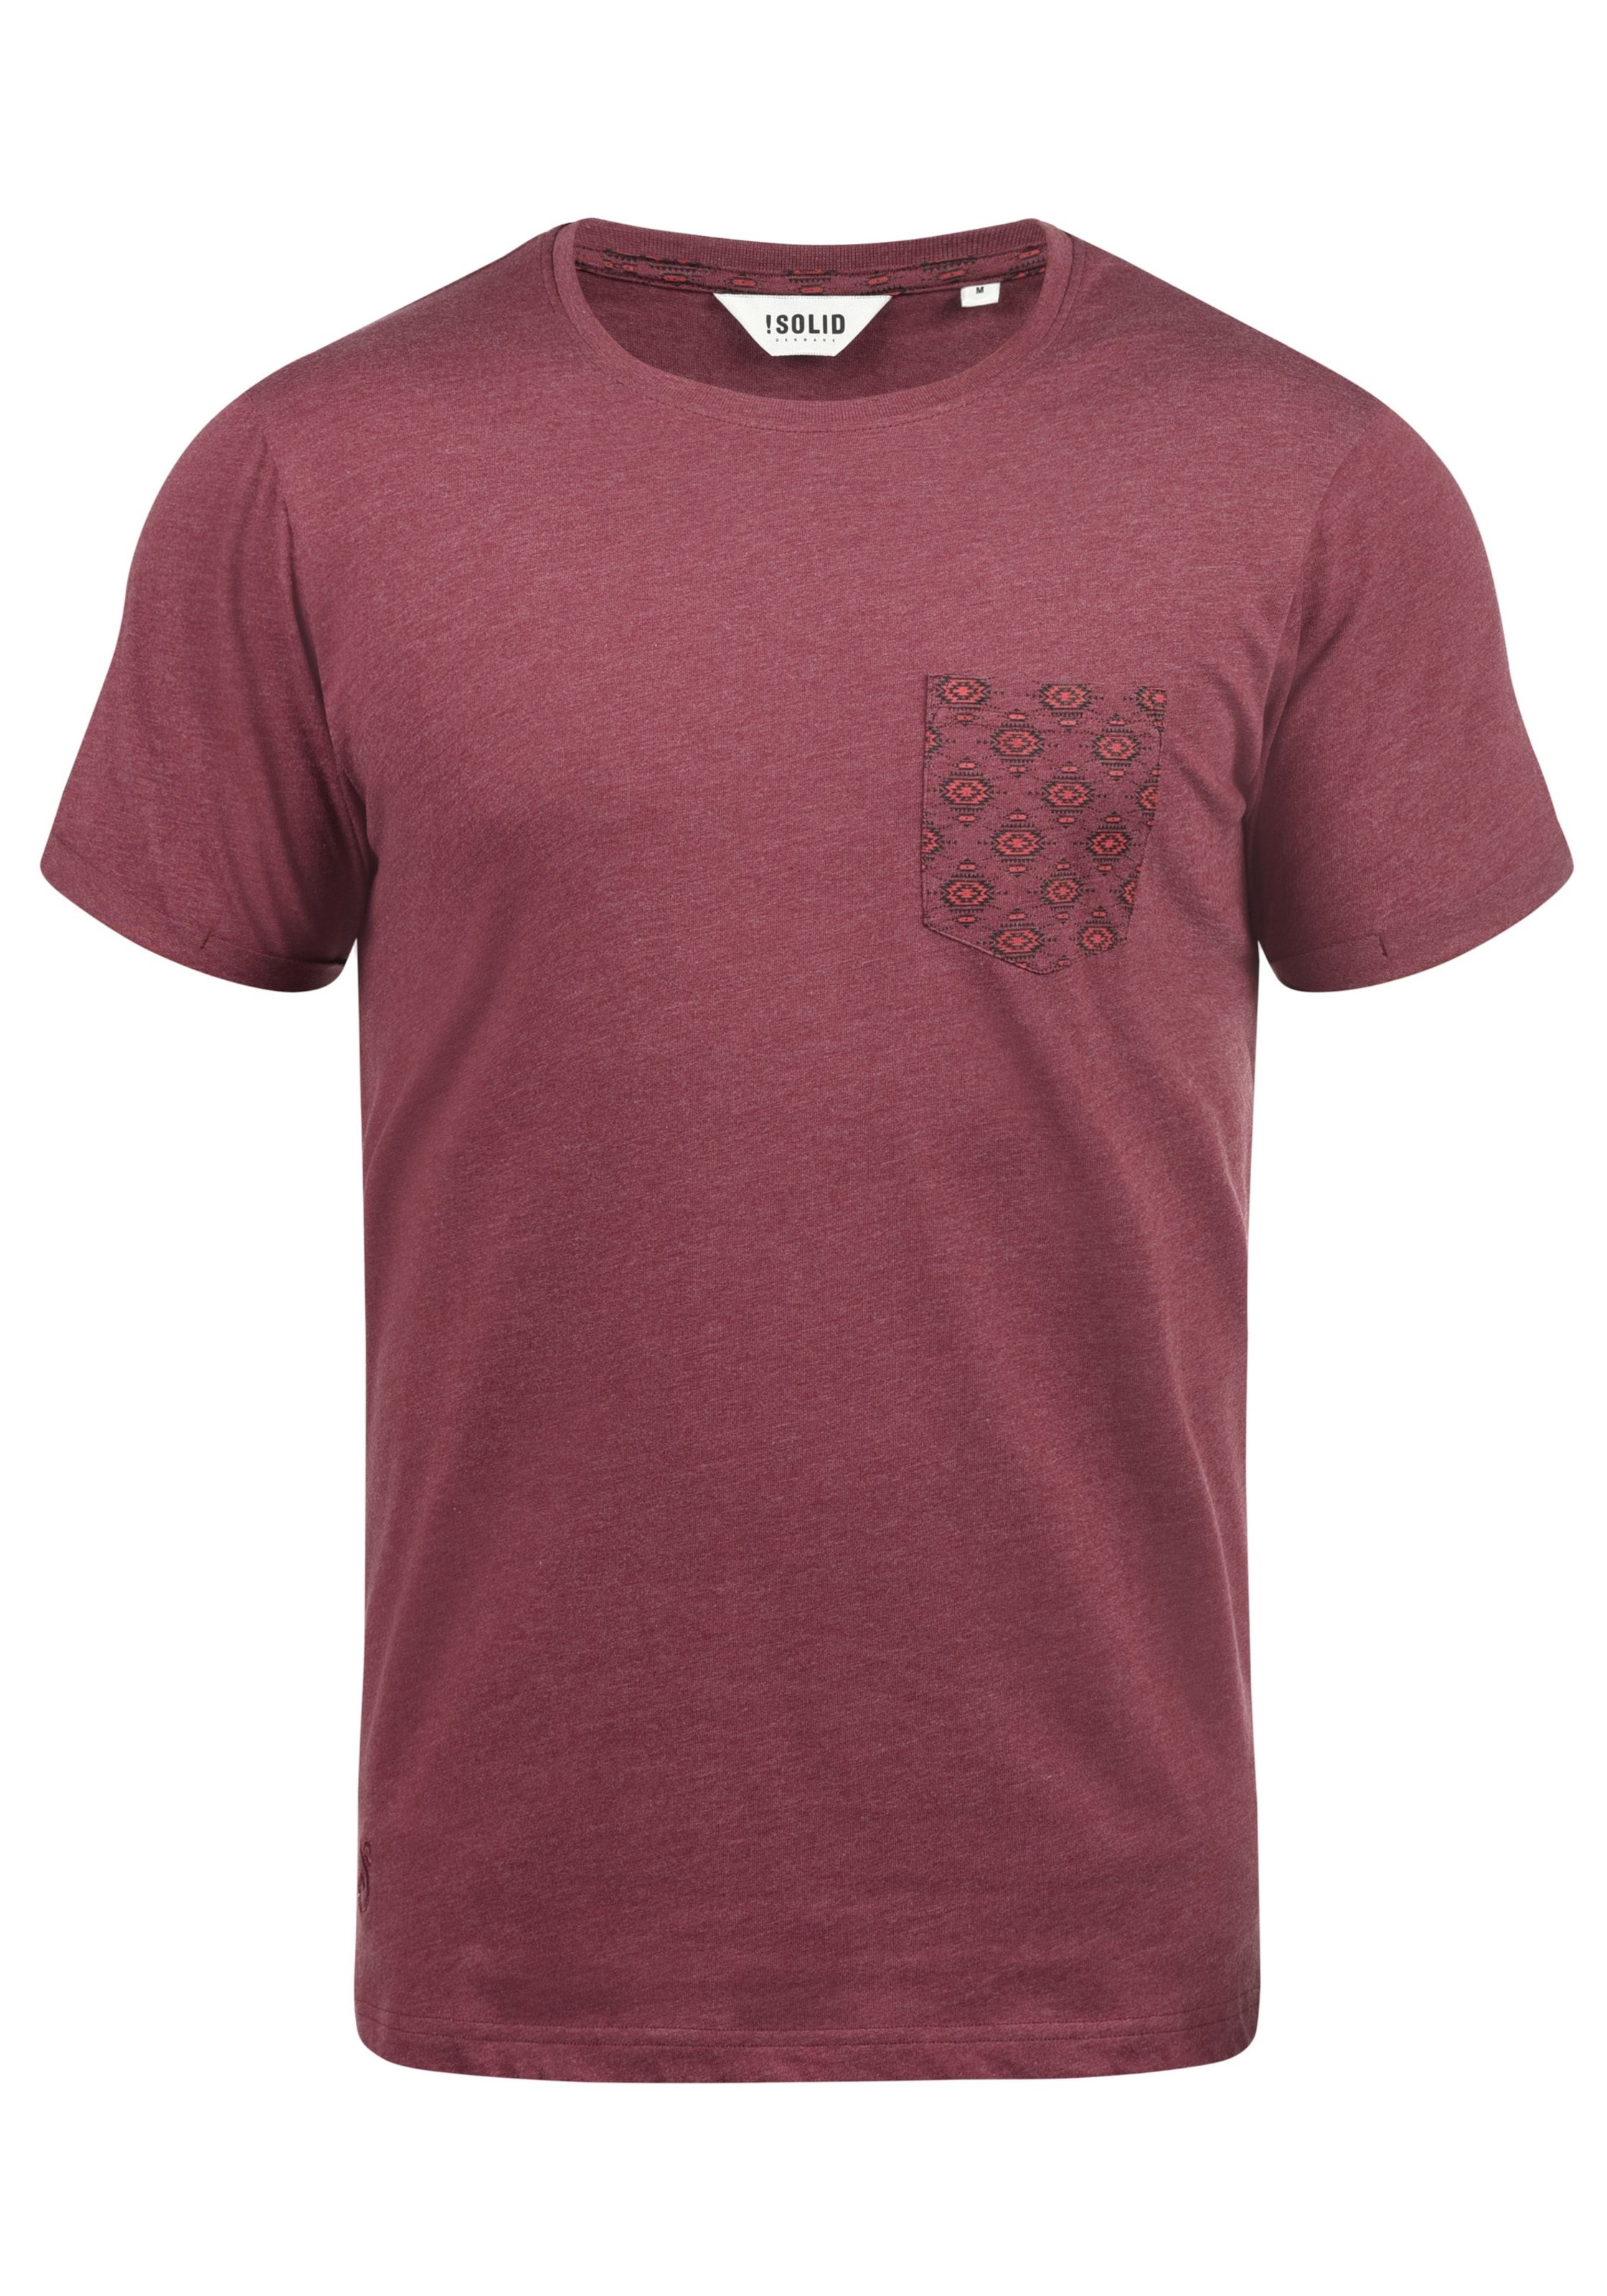 In Rundhalsshirt solid Rundhalsshirt In 'ilari' 'ilari' Rot Rot solid 'ilari' Rundhalsshirt In solid 2IW9EDH